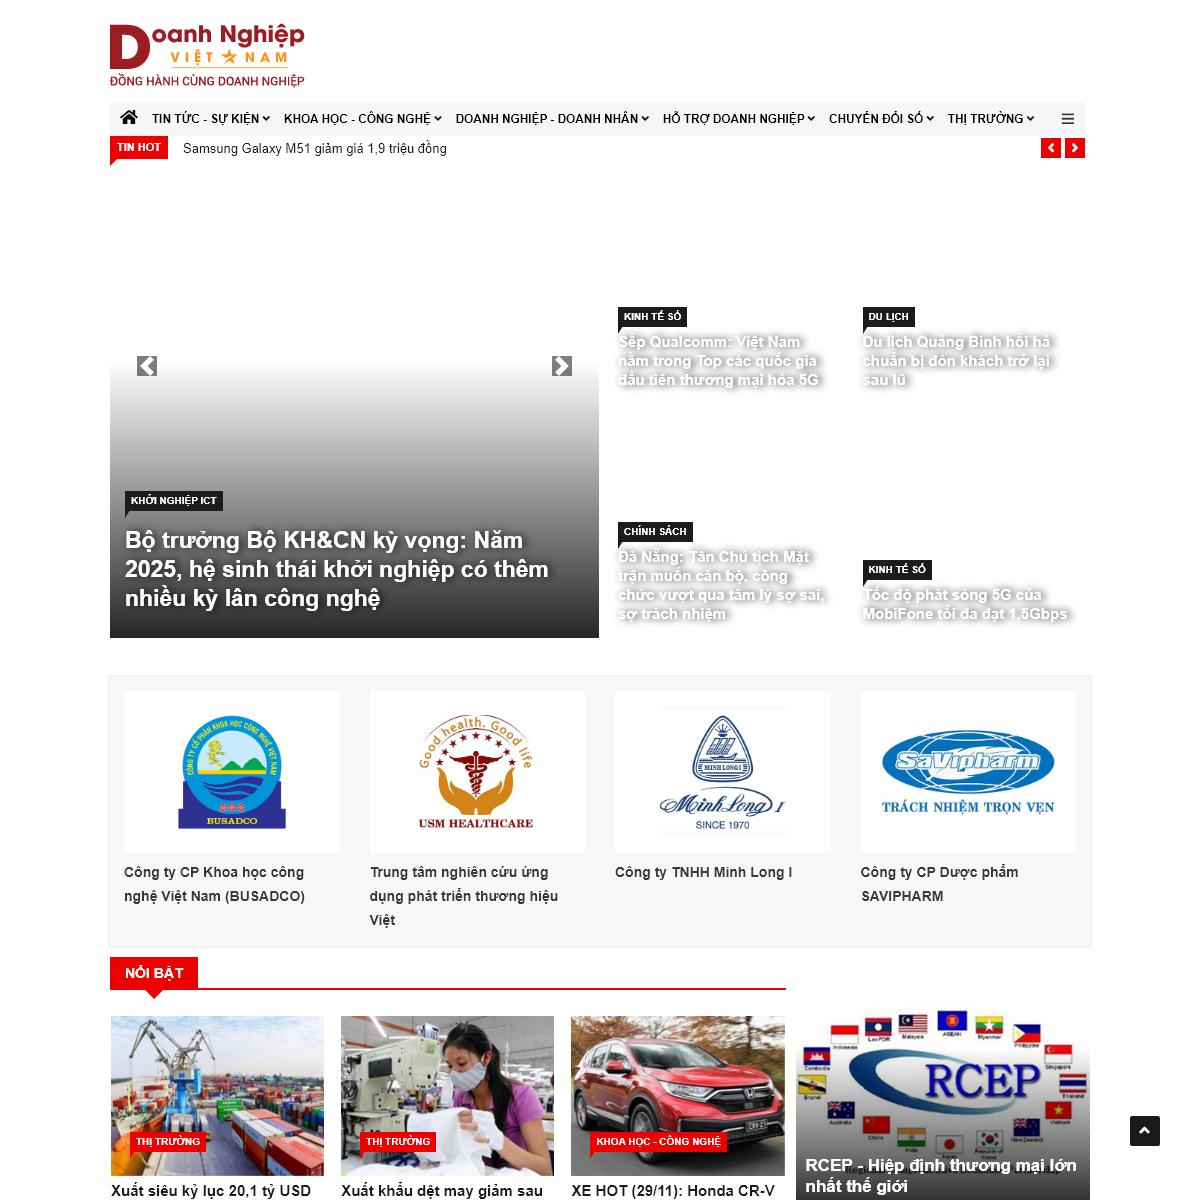 Tạp chí Doanh nghiệp Việt Nam, Đọc báo tin tức doanh nghiệp - Doanh nghiệp Việt Nam